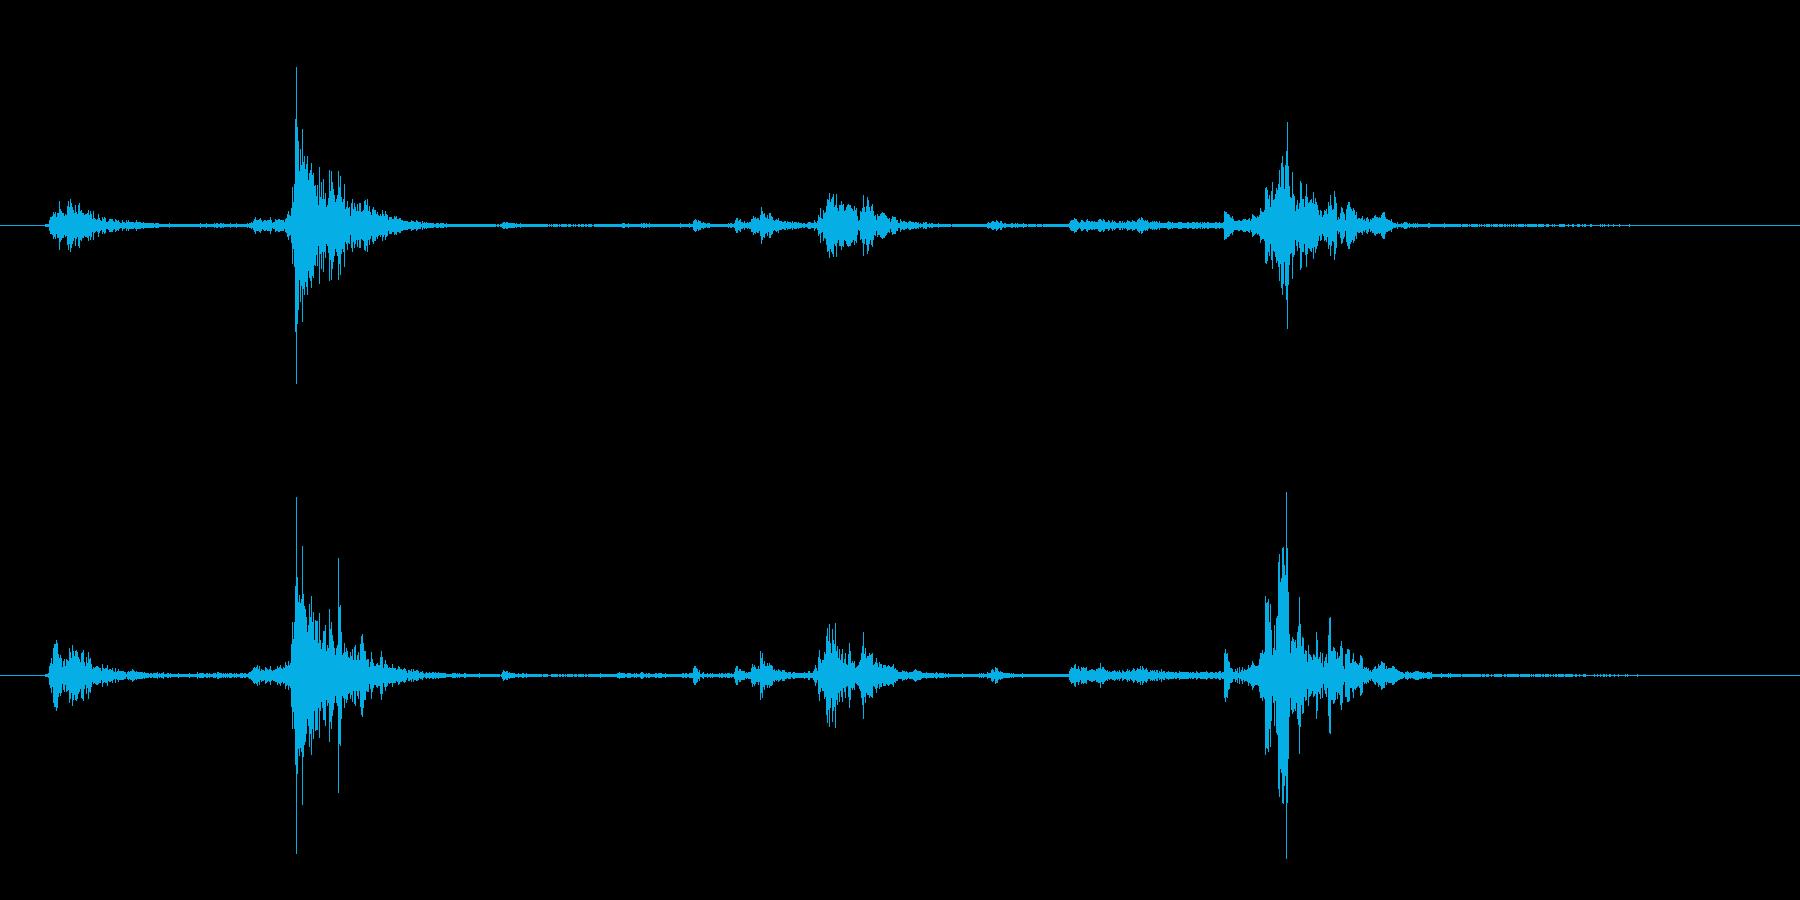 カセットテープ ケースから取り出す音の再生済みの波形